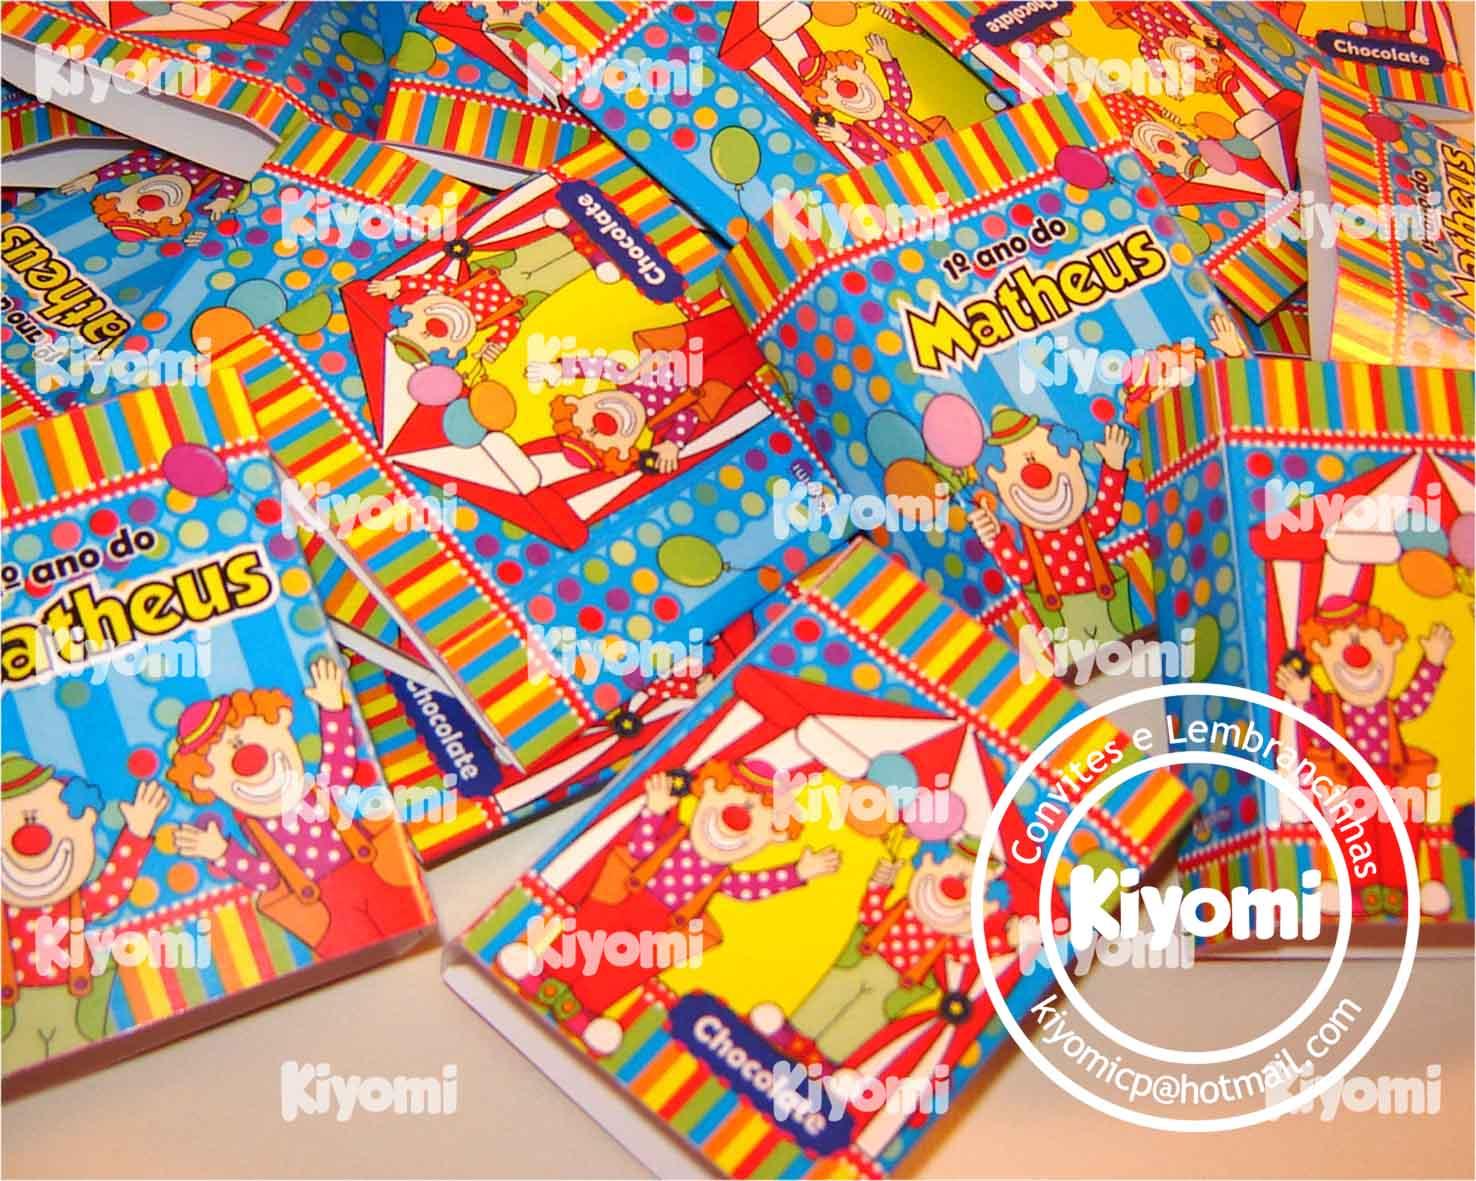 http://1.bp.blogspot.com/-Cg-A2XjlaYM/T4Mbgi1JW-I/AAAAAAAACtA/2AMd-giwwS4/s1600/Festa-infantil_lembrancinhas-personalizadas_Circo_palhacos_guloseimas_duobis.JPG